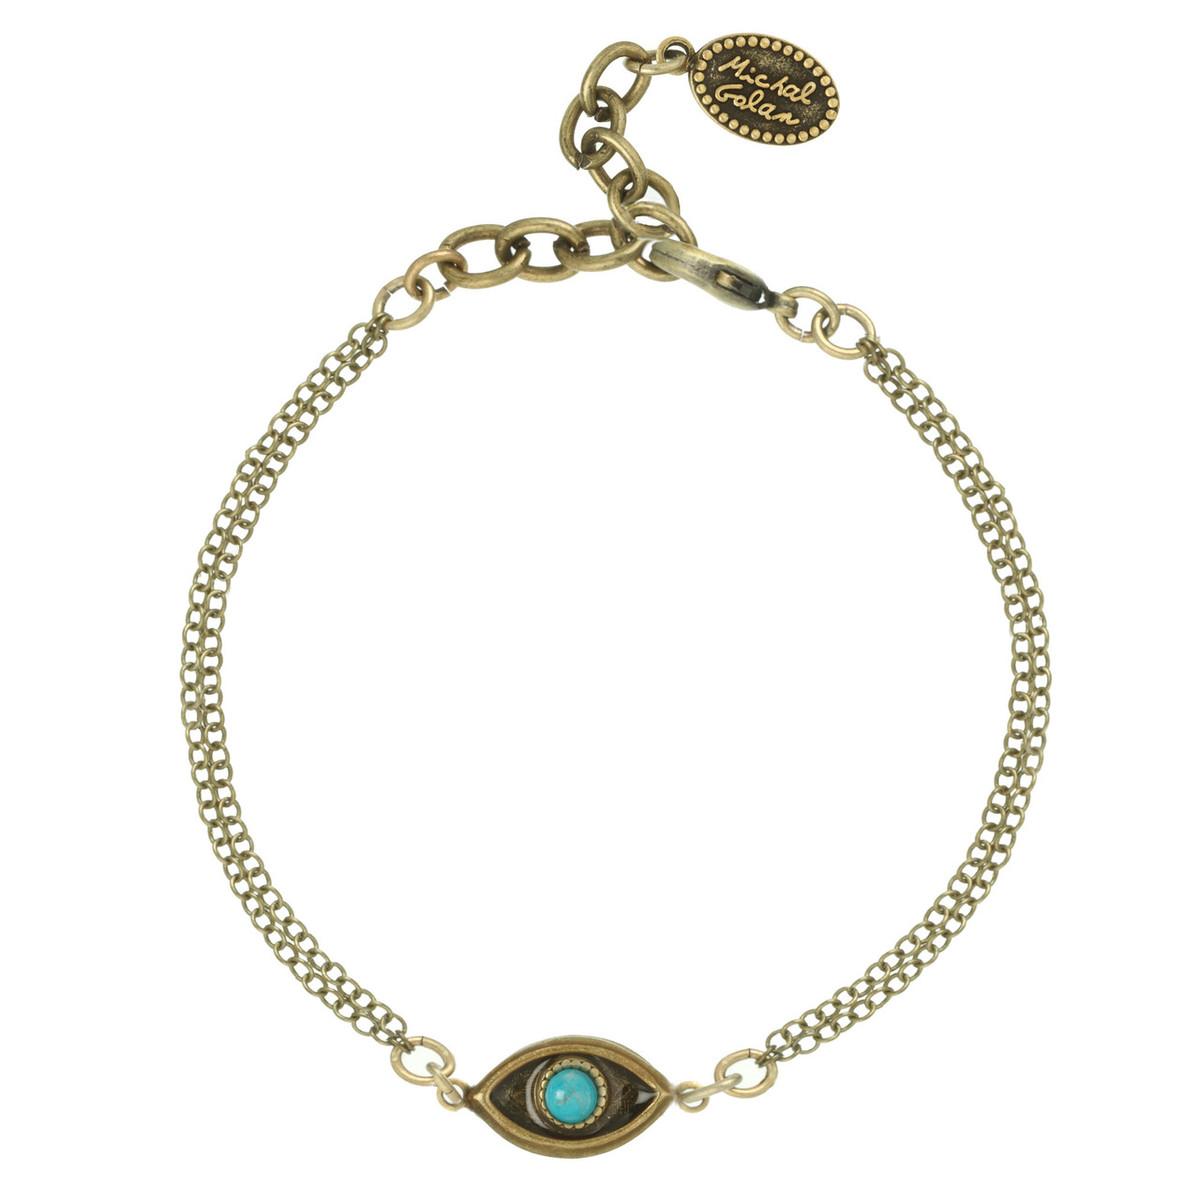 Michal Golan Evil Eye Gold Evil Eye with Turquoise Center Bracelet